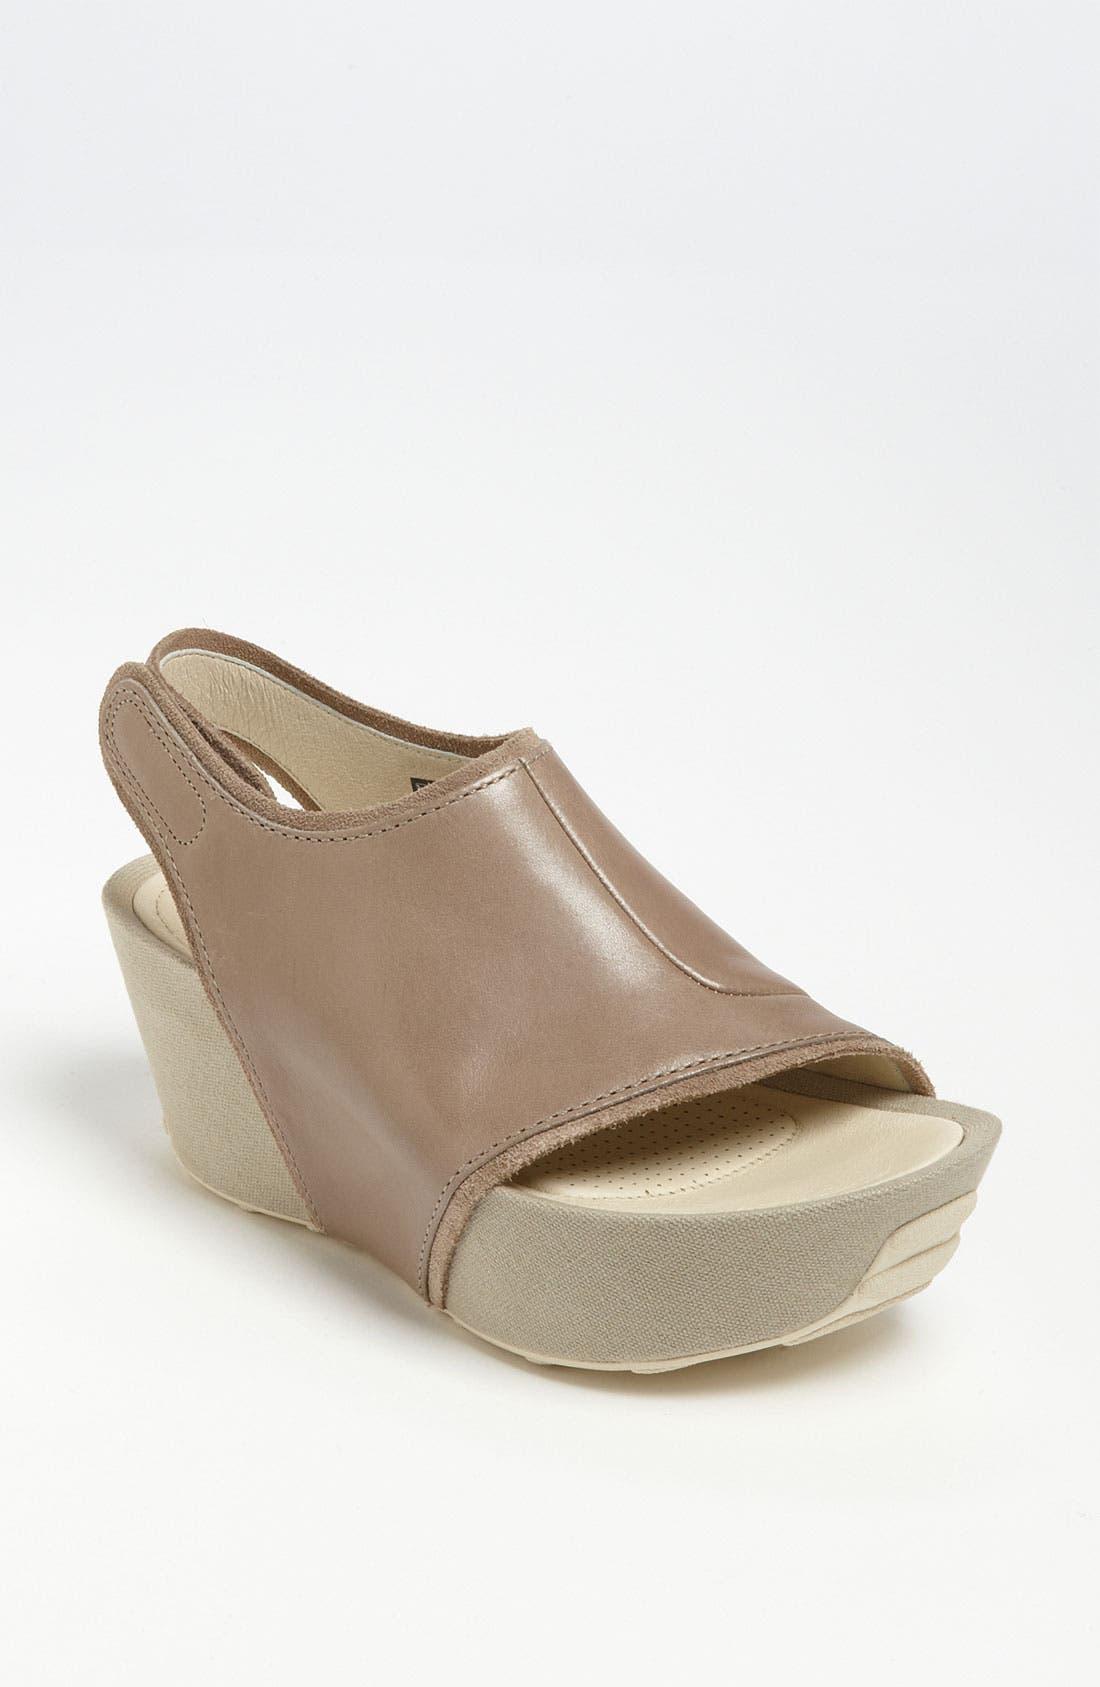 Alternate Image 1 Selected - Tsubo 'Barto' Sandal